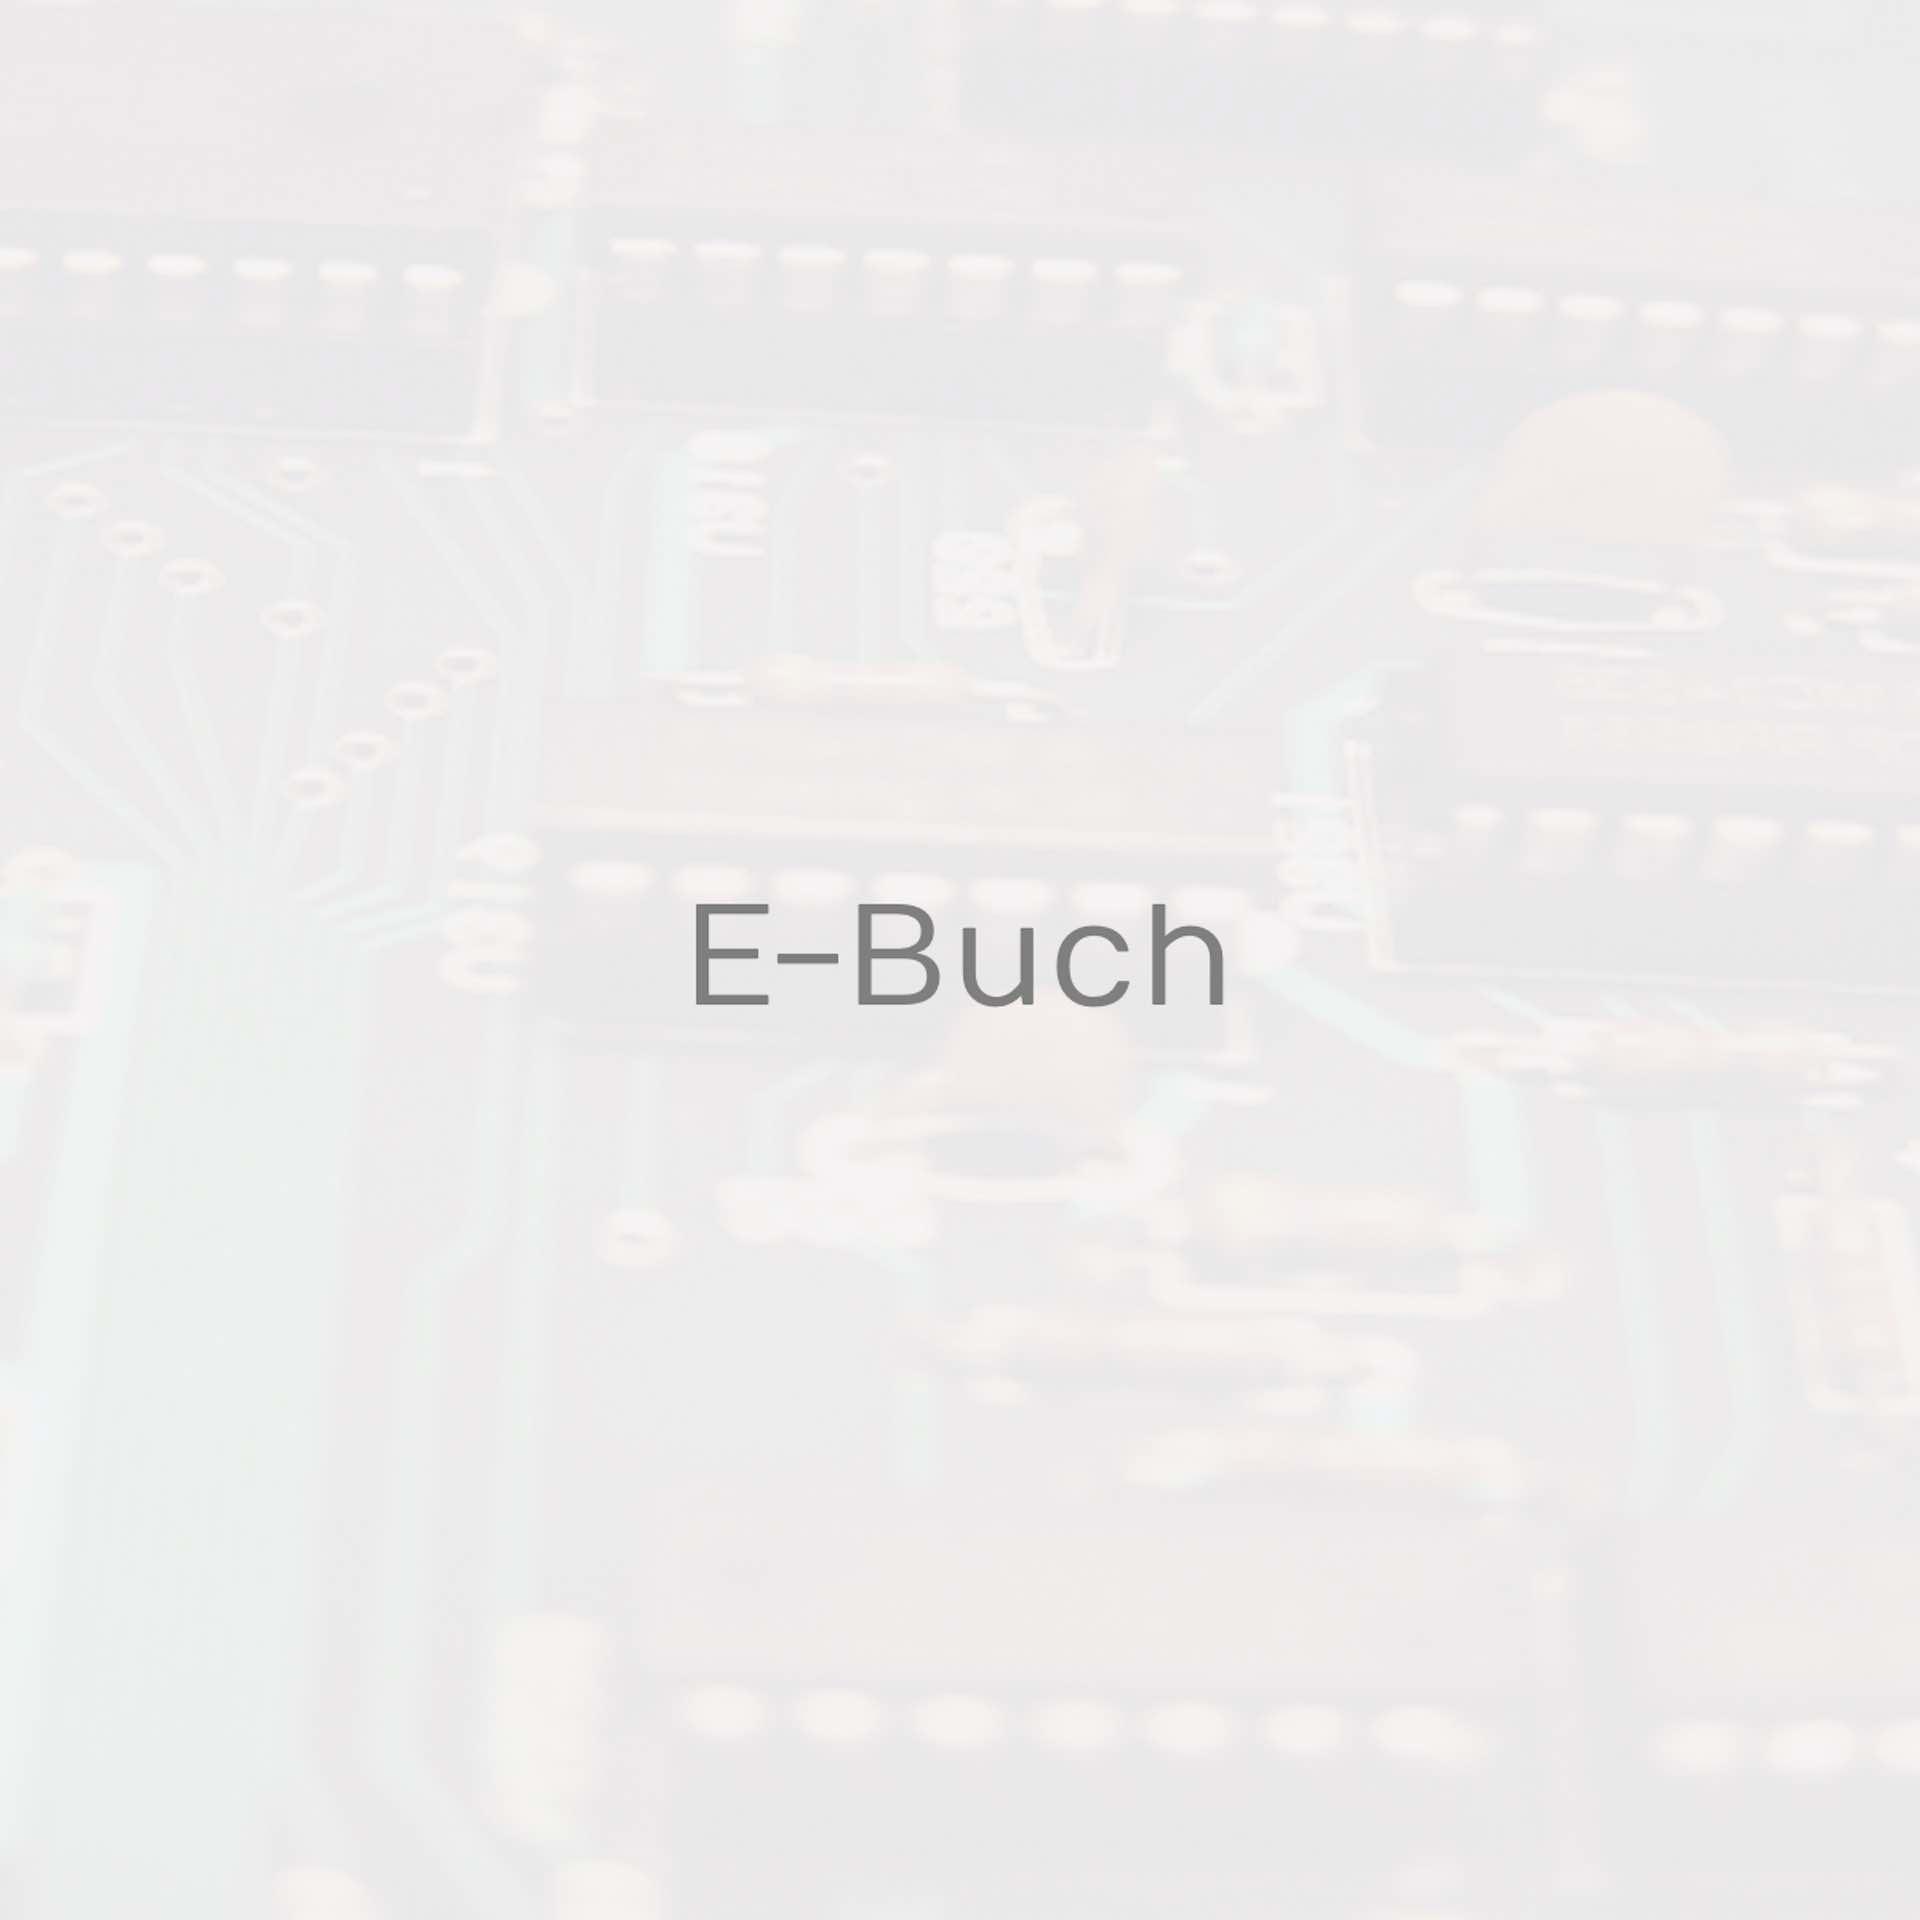 André_Heyer_Dienstleistungen_E_Buch